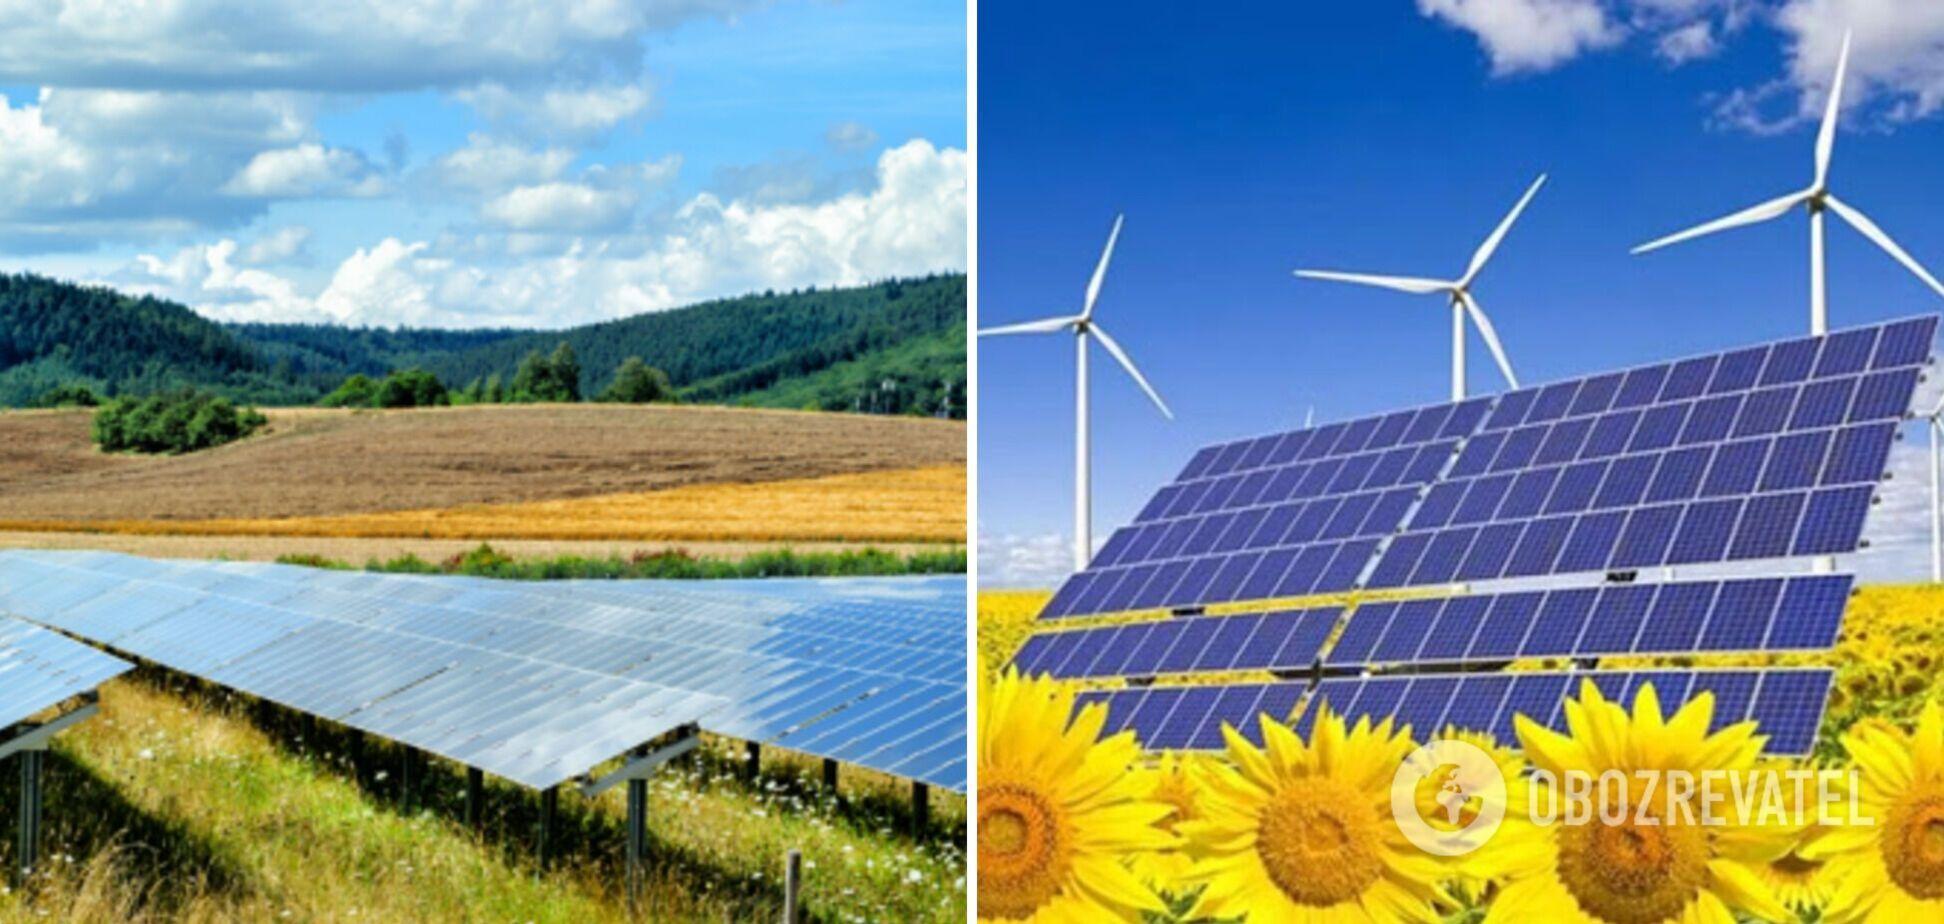 Усилением фискального давления на 'зеленую' энергетику Кабмин уничтожает шансы декарбонизировать экономику, – Бойко